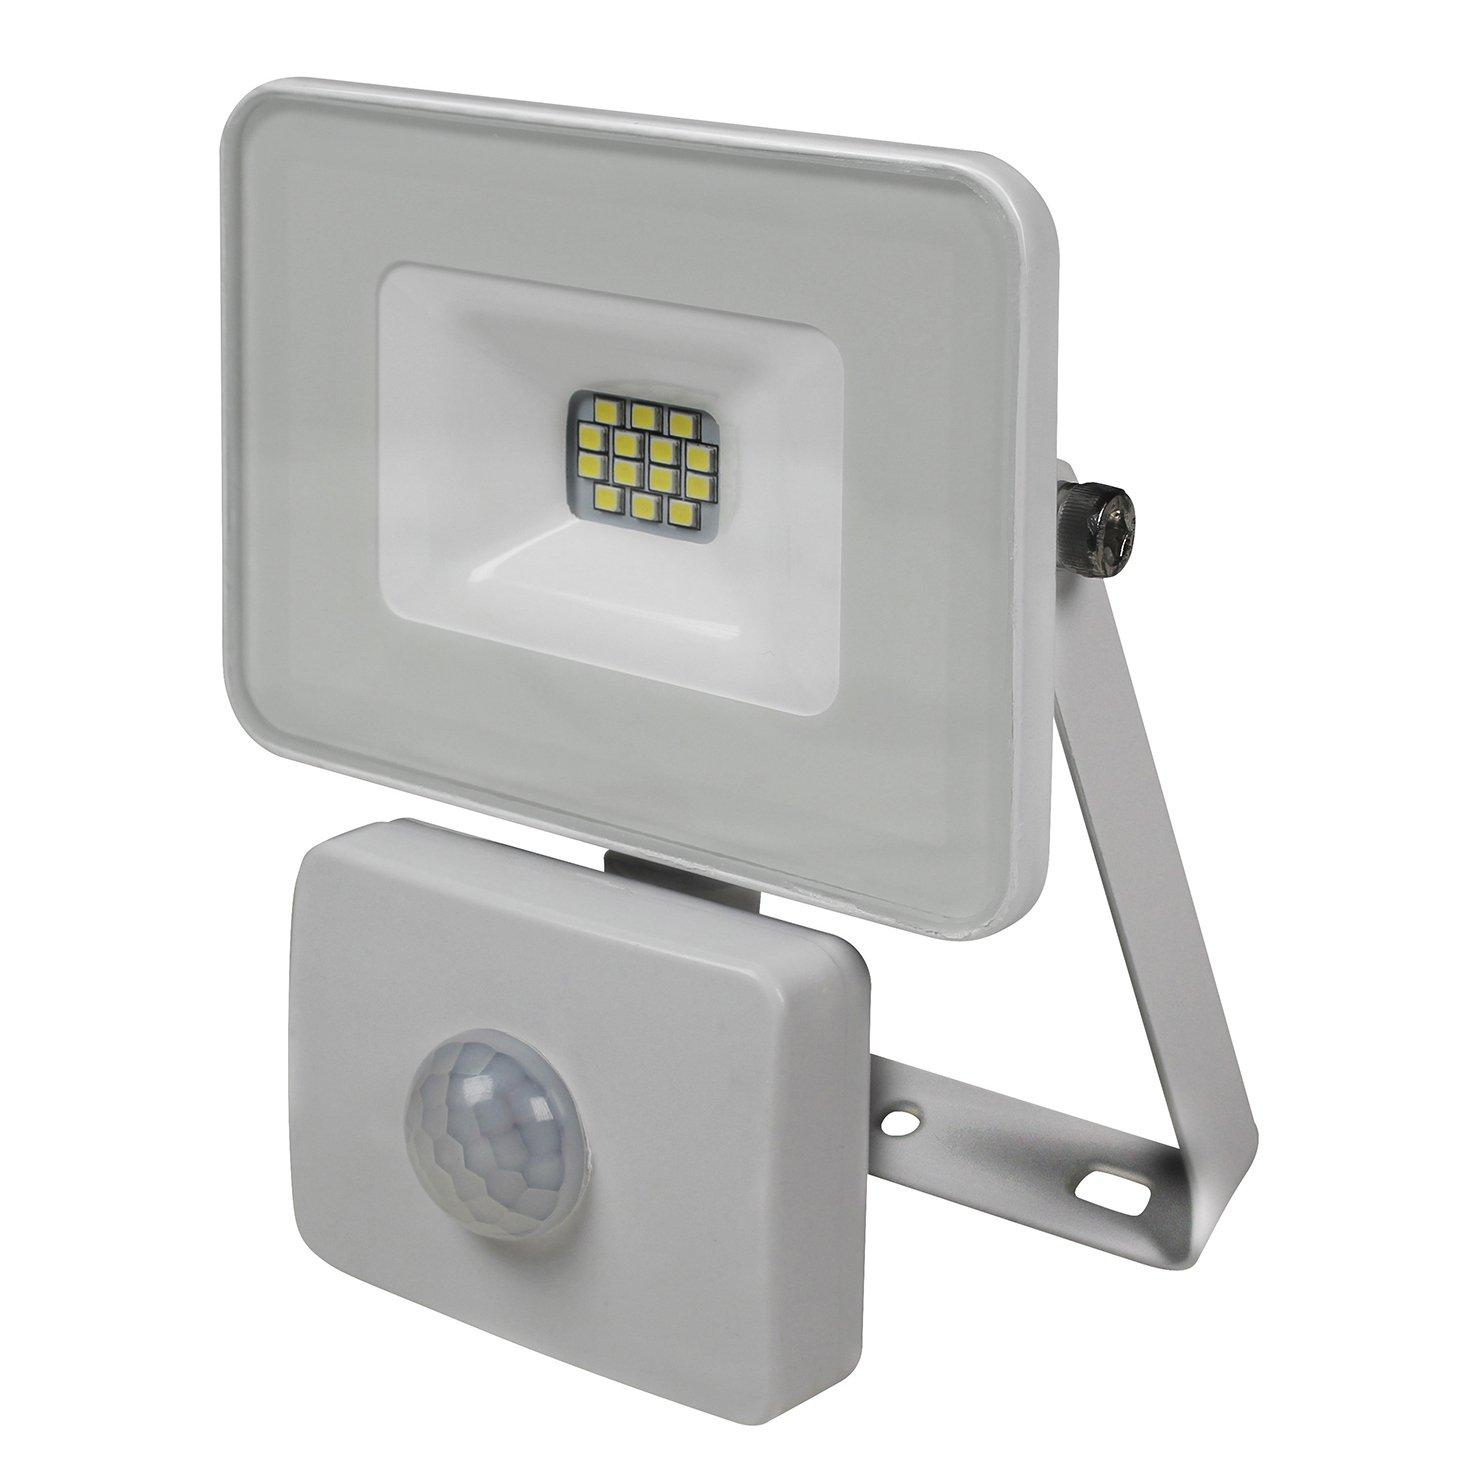 Valex 1153111.0 Proyector LED con sensor de movimiento y sensor ...